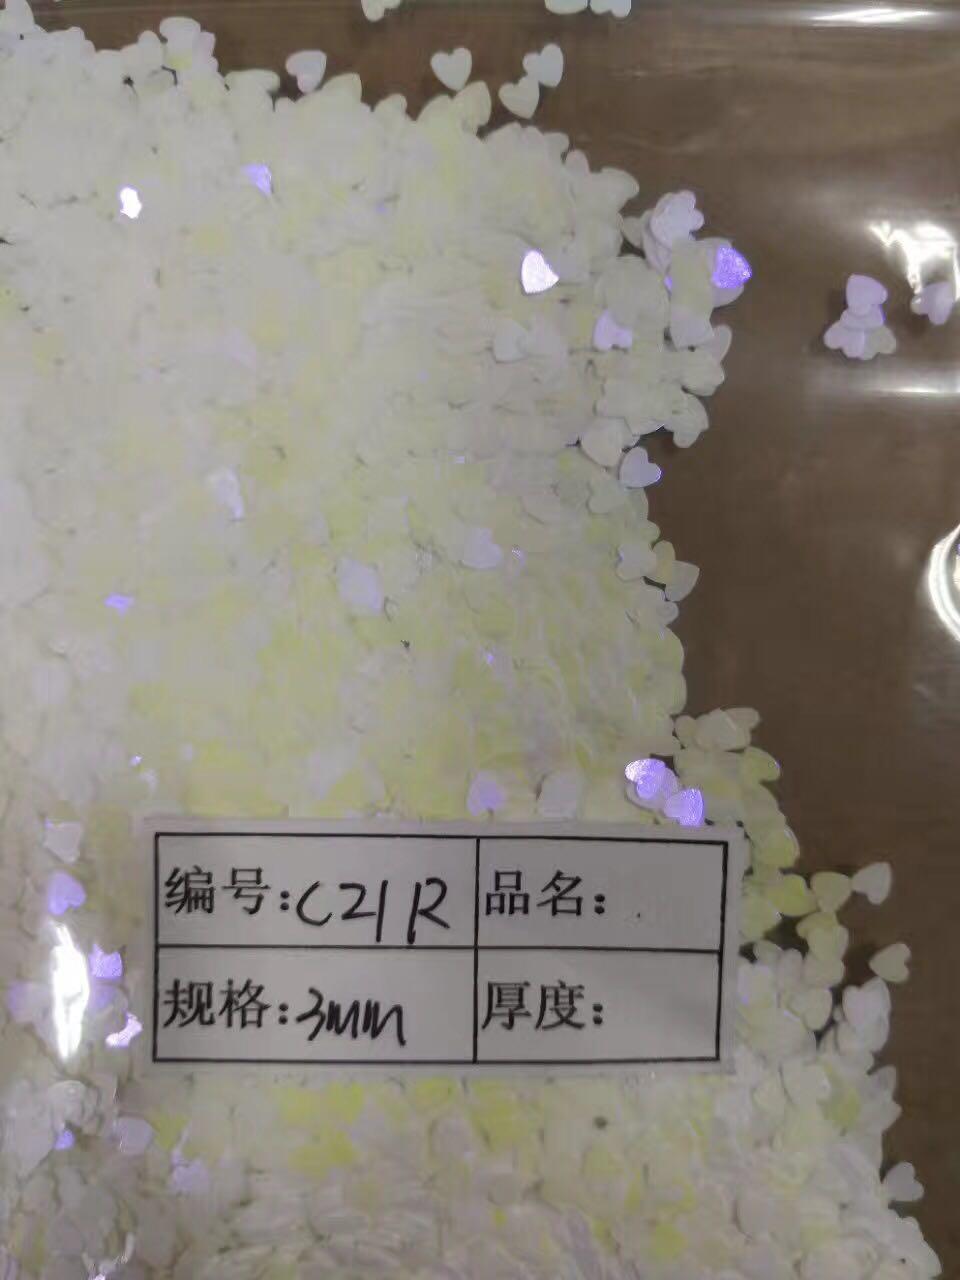 Résine UV de scintillement lâche de coeur violet irisé de 3mm, gel d'ongle, ongle acrylique, scintillement de vernis à ongles, scintillement d'effet d'opale d'estampillage d'ongle